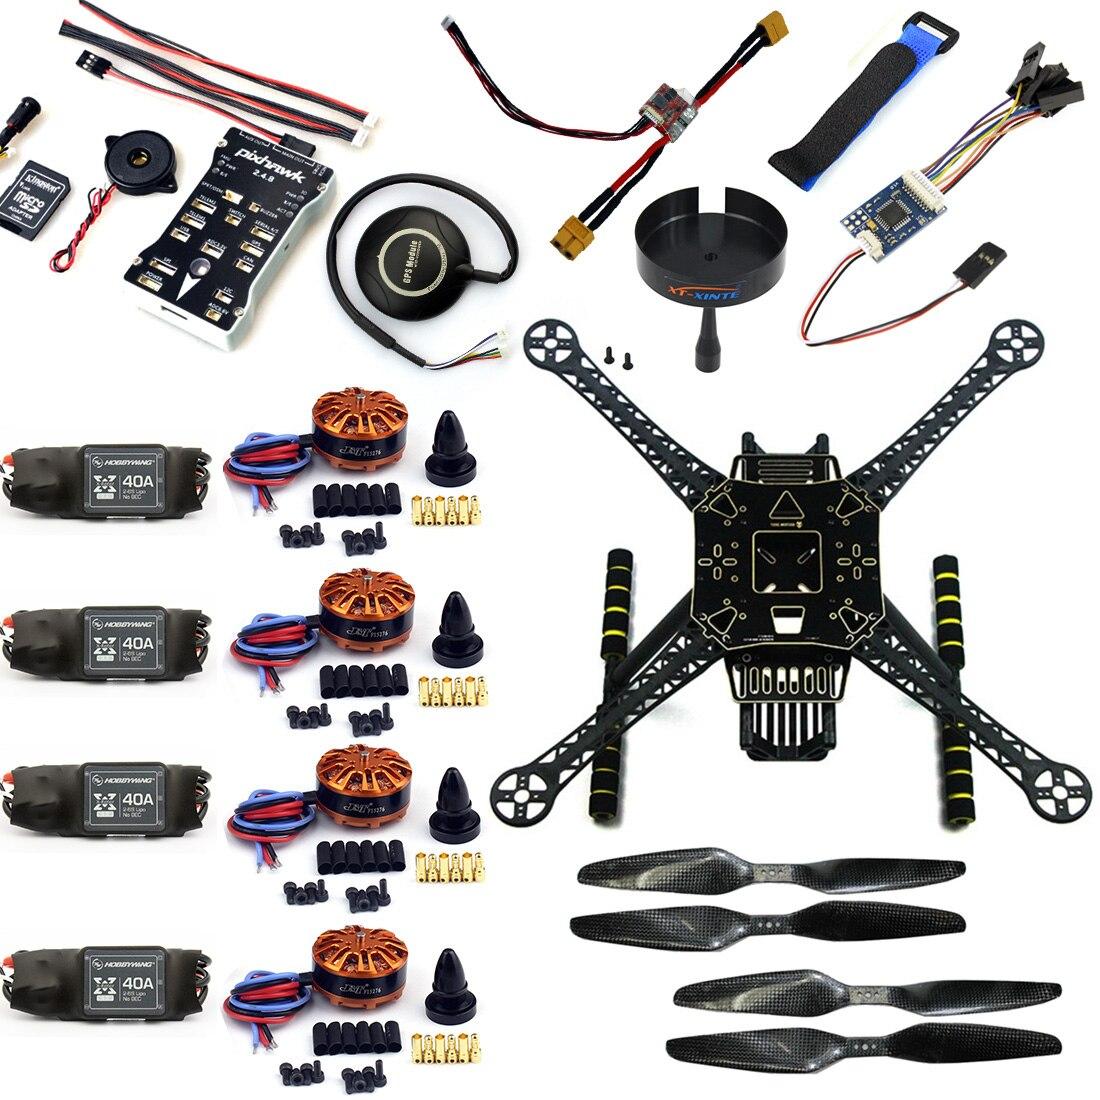 DIY RC quadcopter FPV aviones S600 drone Marcos kit px4 Pix Mandos de vuelo integrar zumbador 700kv Motores GPS no TX RX f19457-a